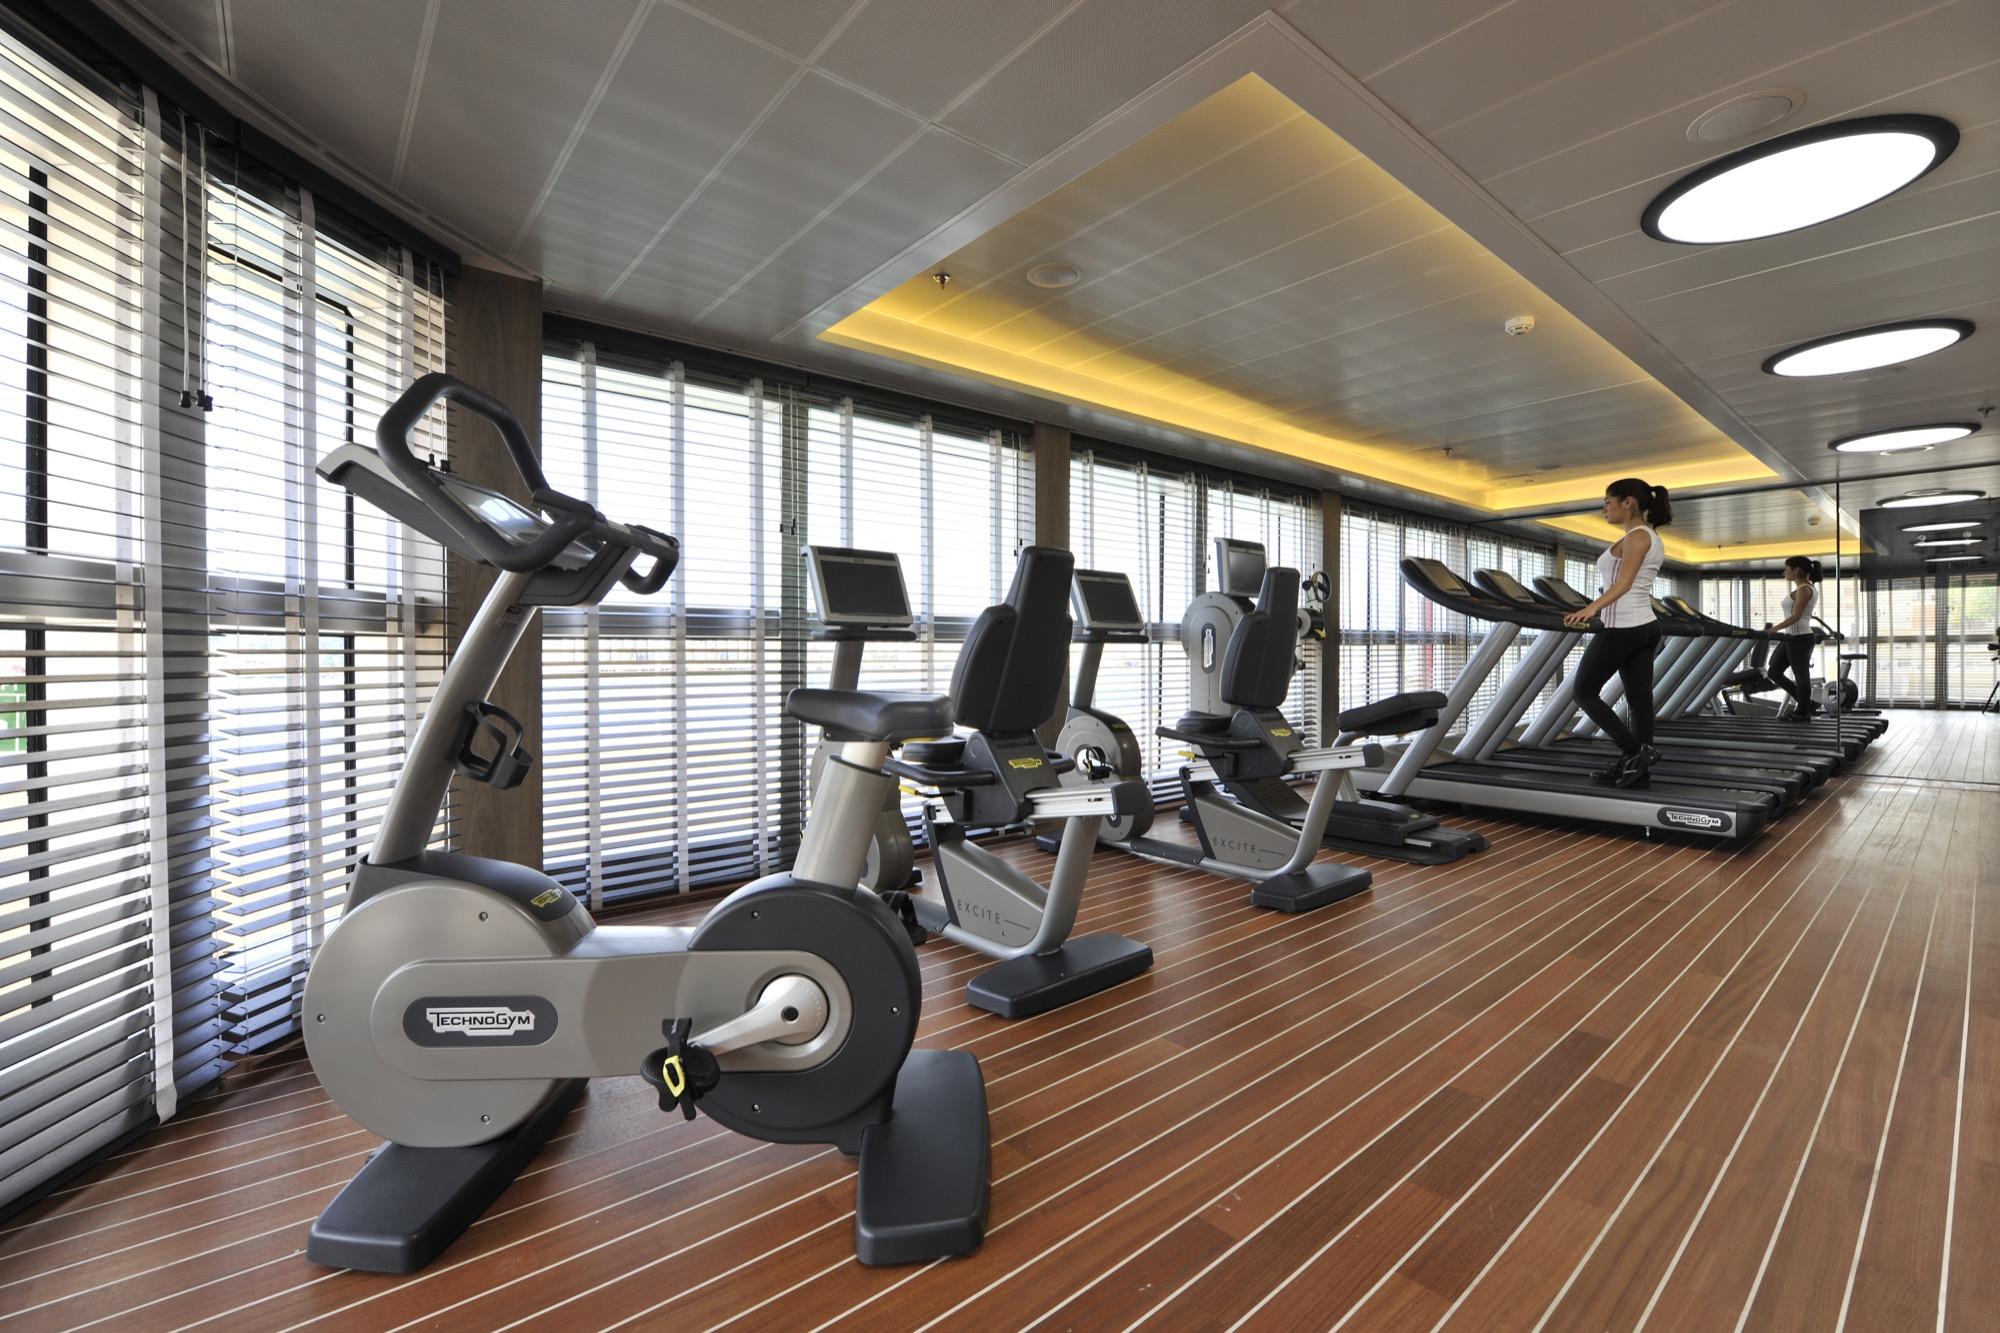 Ponant Le Boreal Interior Fitness Centre 1.JPEG